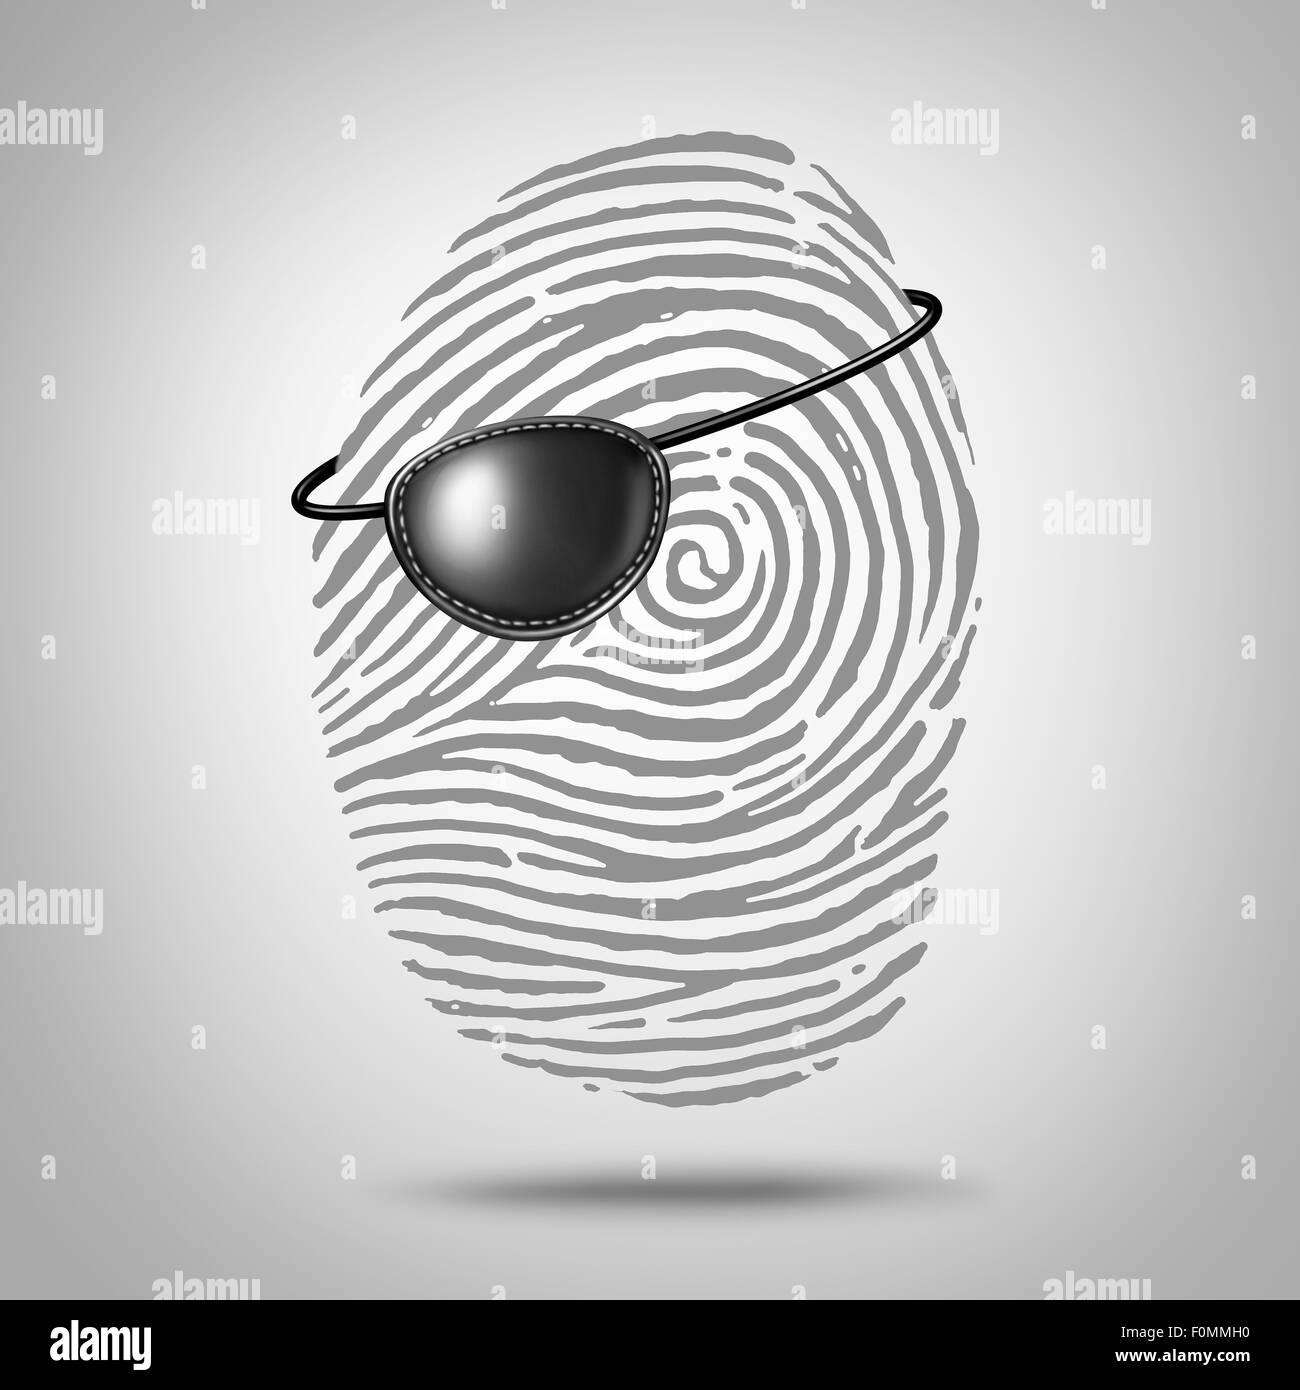 Datenschutz-Piraterie Konzept und Identität Diebstahl Symbol als ein Fingerabdruck oder Fingerabdruck-Symbol Stockbild